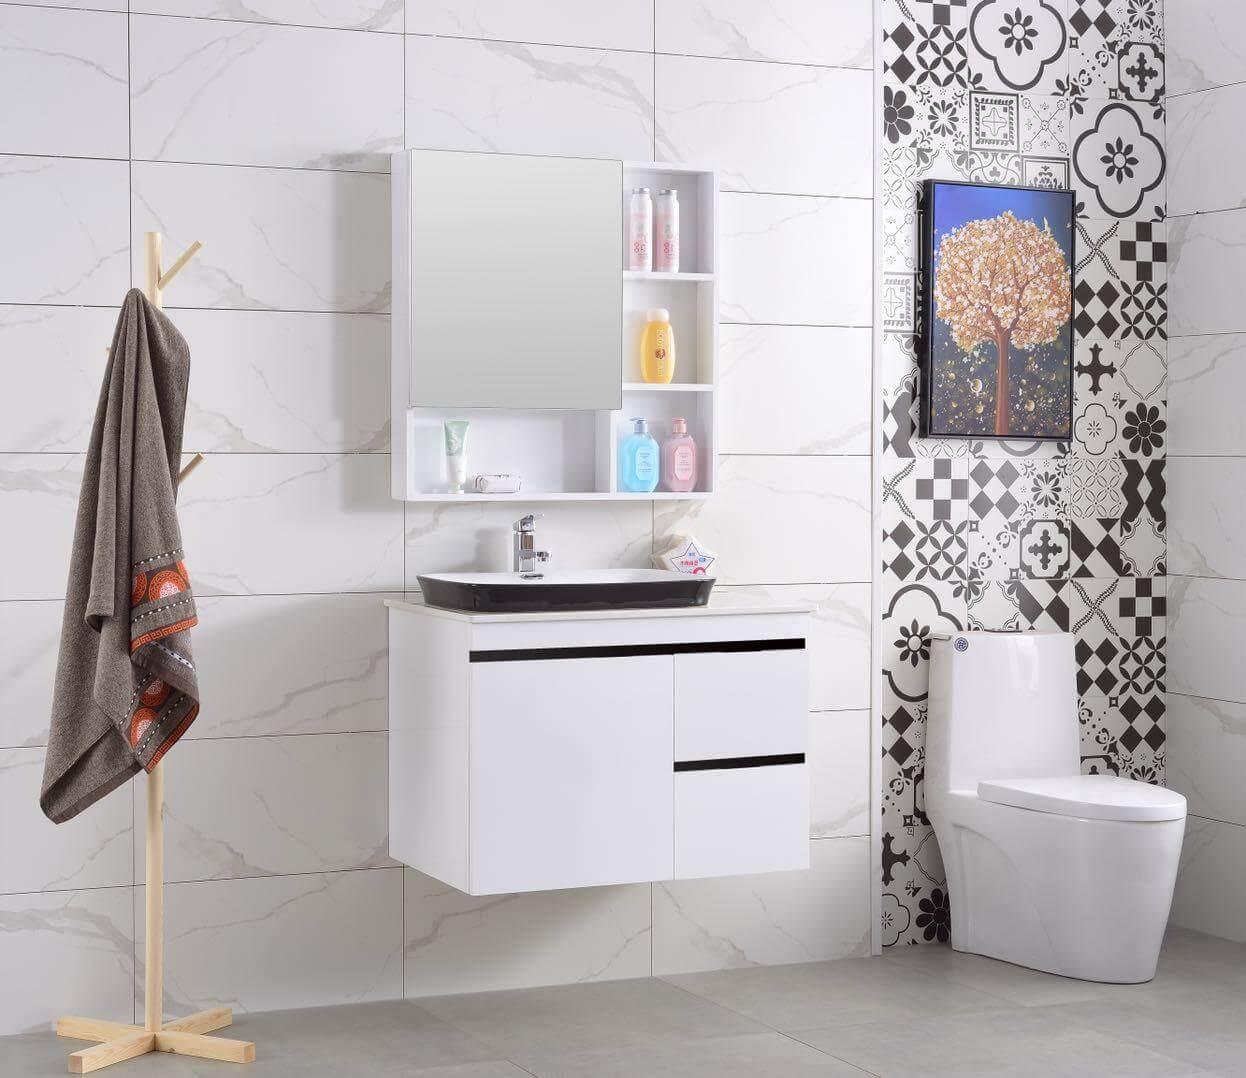 Bộ lavabo tủ gỗ nhựa cao cấp chống ẩm EF 800 3